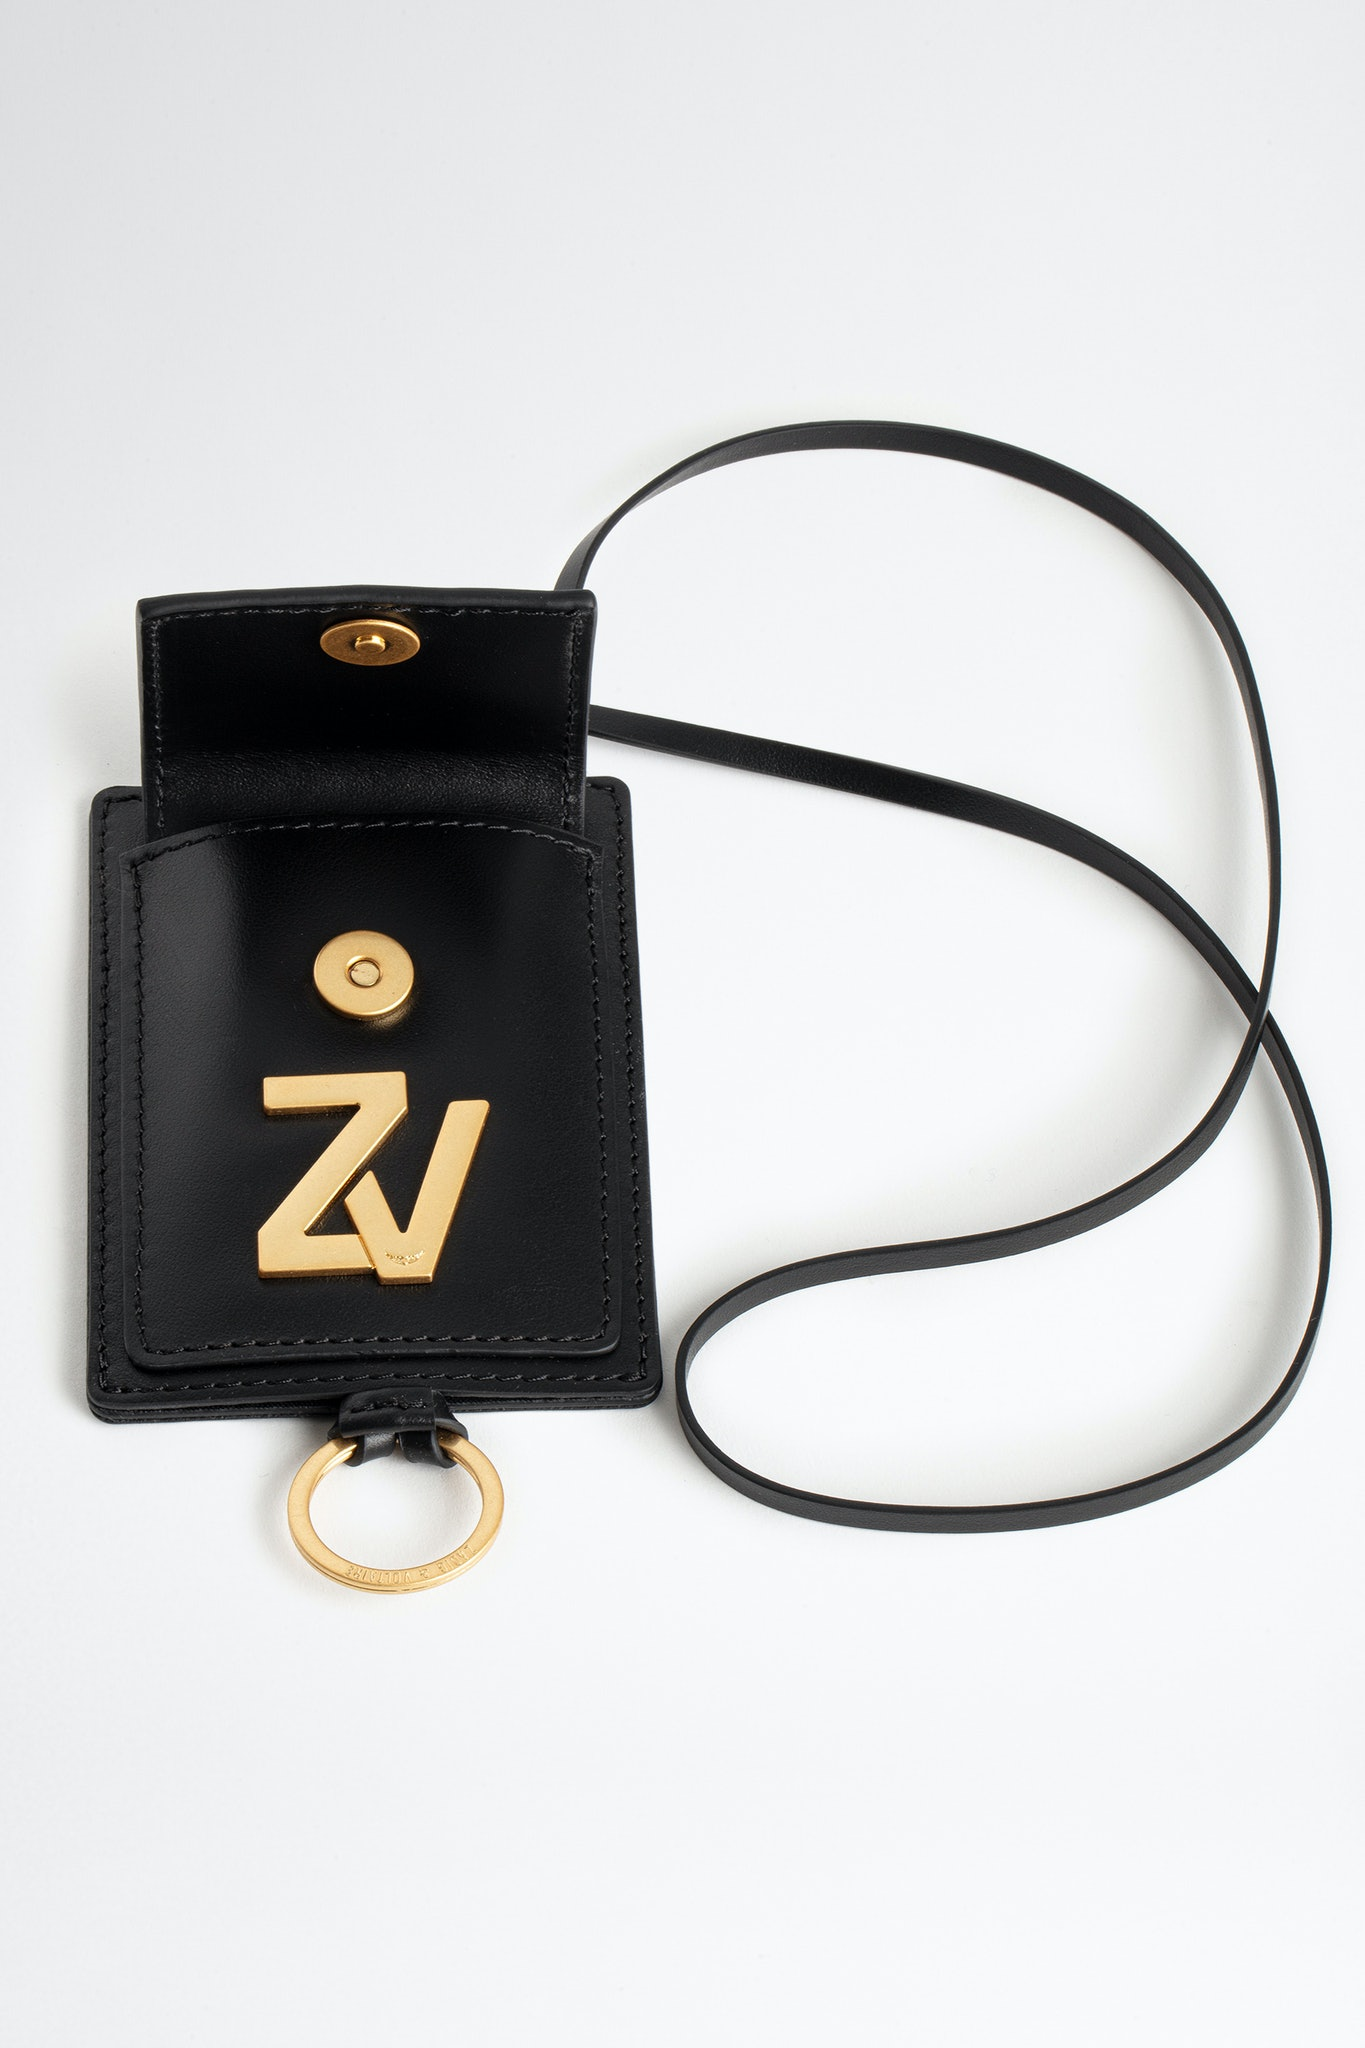 ZV Initiale Le Keyholder keyring